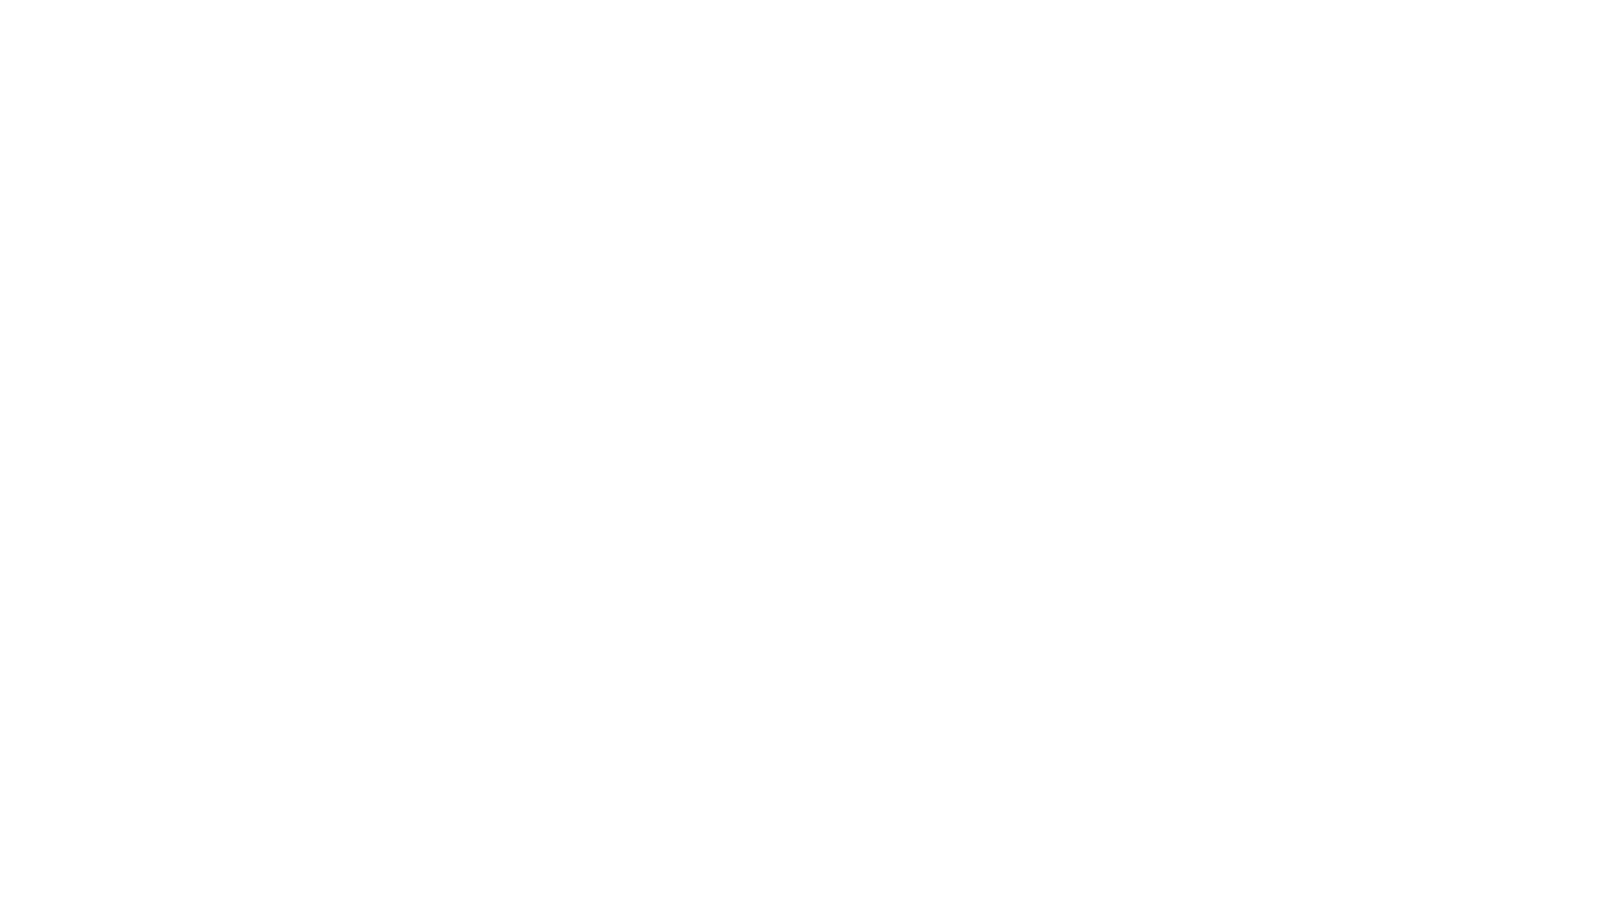 COVID-1984 Experimentos sociales durante la pandemiaEDITORIALLa historia de la humanidad está repleta de episodios de mortandad en forma de epidemias. Las más citadas fueron siempre la «plaga de Justiniano», que en el siglos VI y VII se llevó entre el 13 y el 26% de la población del Imperio romano de Oriente; y la «peste negra» que en el siglo XIV afectó a la cristiandad y supuso la muerte de más del 30 % de la población. Los poderes políticos de estas épocas tomaron decisiones tajantes, pero nunca impidieron el culto religioso. Es más, hasta lo promocionaron, pues sintieron con naturalidad que eran necesarias las rogativas a Dios, pues los medios humanos eran insuficientes para frenarlas.La Iglesia, igualmente, no se plegó sobre sí misma, sino que muy al contrario, en el siglo VI el Papa San Gregorio el Grande importó de oriente las procesiones religiosas, manifestación comunitaria del sometimiento al imperio de Dios. Durante la peste negra el Papa Clemente VI tomó numerosas medidas sanitarias y asistenciales, si bien recordó con rigor la obligación de seguir impartiendo los sacramentos. Más tarde los teólogos discutieron si en época de epidemia era obligatoria la administración de la Santa Comunión. Unos, los menos, sostenían que no, pues había que evitar el riesgo de contagio de los sacerdotes, siendo más útil que se garantizara su salud para seguir administrando el bautismo, la confesión y la extremaunción (pues todos los teólogos coincidían en que estos sacramentos no podían suspenderse bajo ningún concepto). Sin embargo la Iglesia acogió la postura de la mayoría: la comunión era necesaria y no podía suspenderse.Sin embargo con el COVID hemos vivido todo lo contrario: se suspendieron las misas y fueron excepcionales los bautismos, las confesiones y las extremaunciones. Una conclusión que parece evidente es que el COVID, no ha producido ningún cambio en nuestros hábitos, sino que simplemente a acelerado las tendencias en marcha desde hace muchos años: el individ